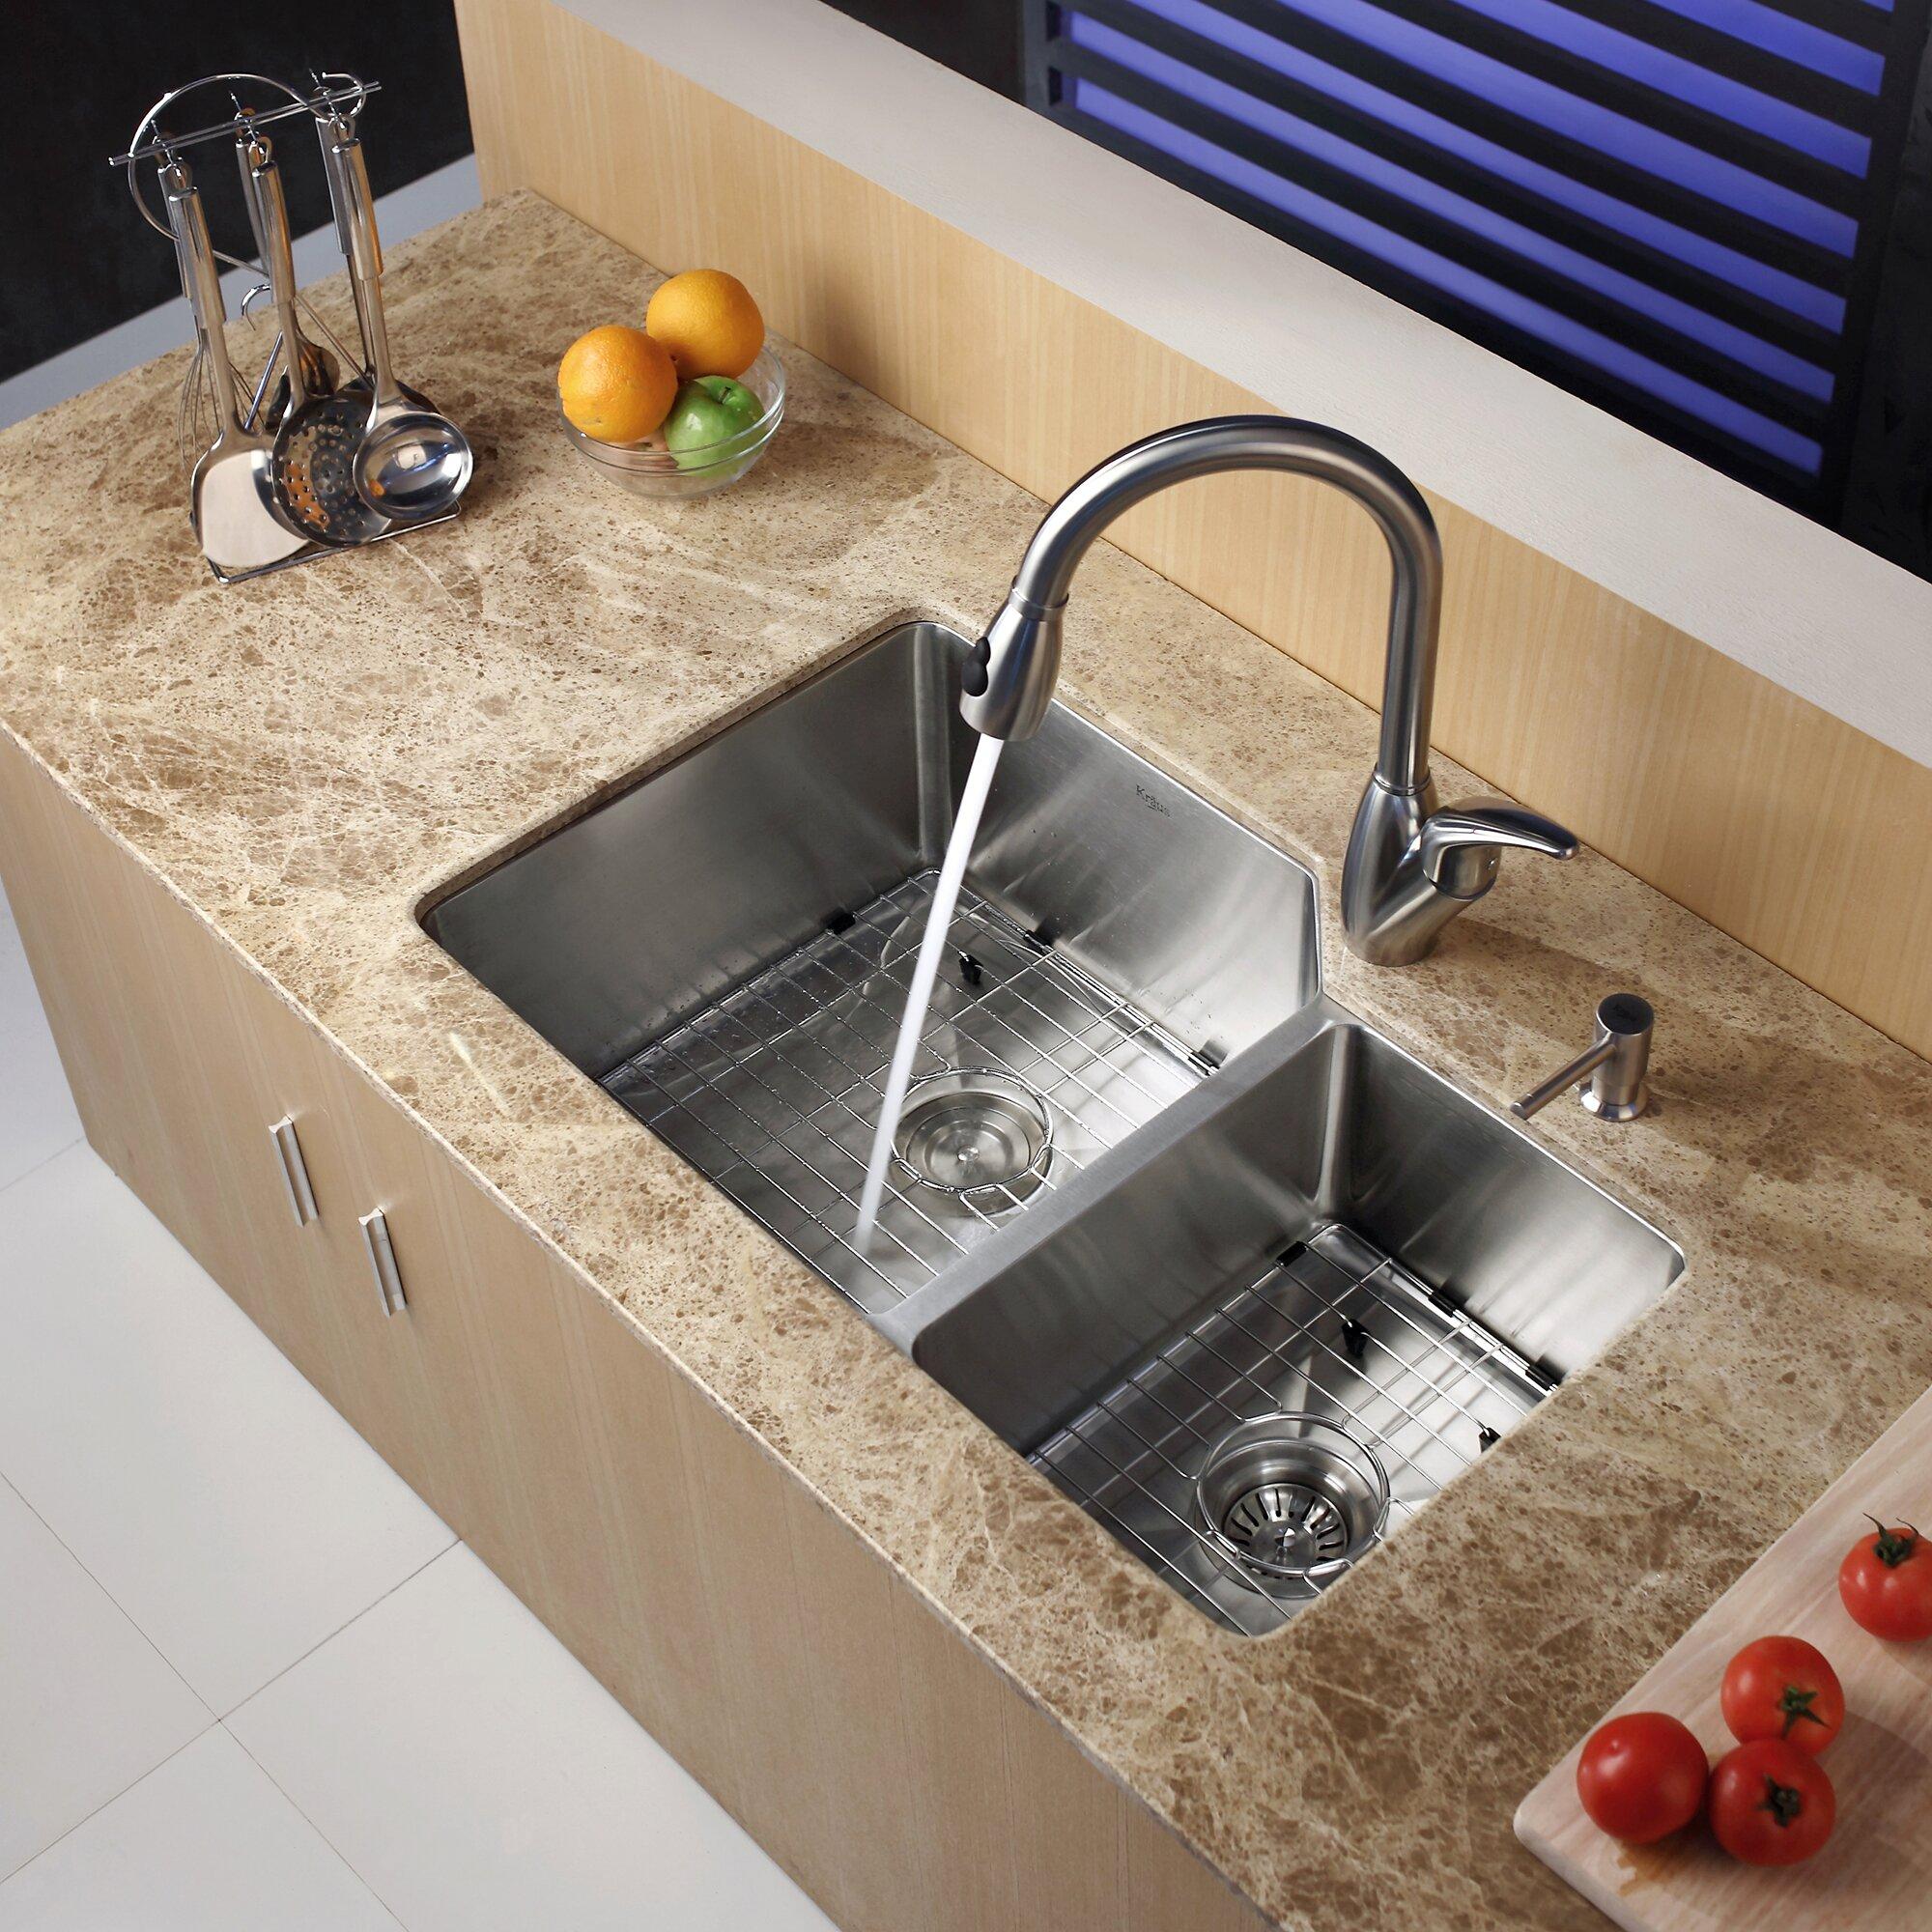 Kraus Kitchen Sinks Canada : Home Improvement Kitchen Fixtures ... Undermount Kitchen Sinks Kraus ...